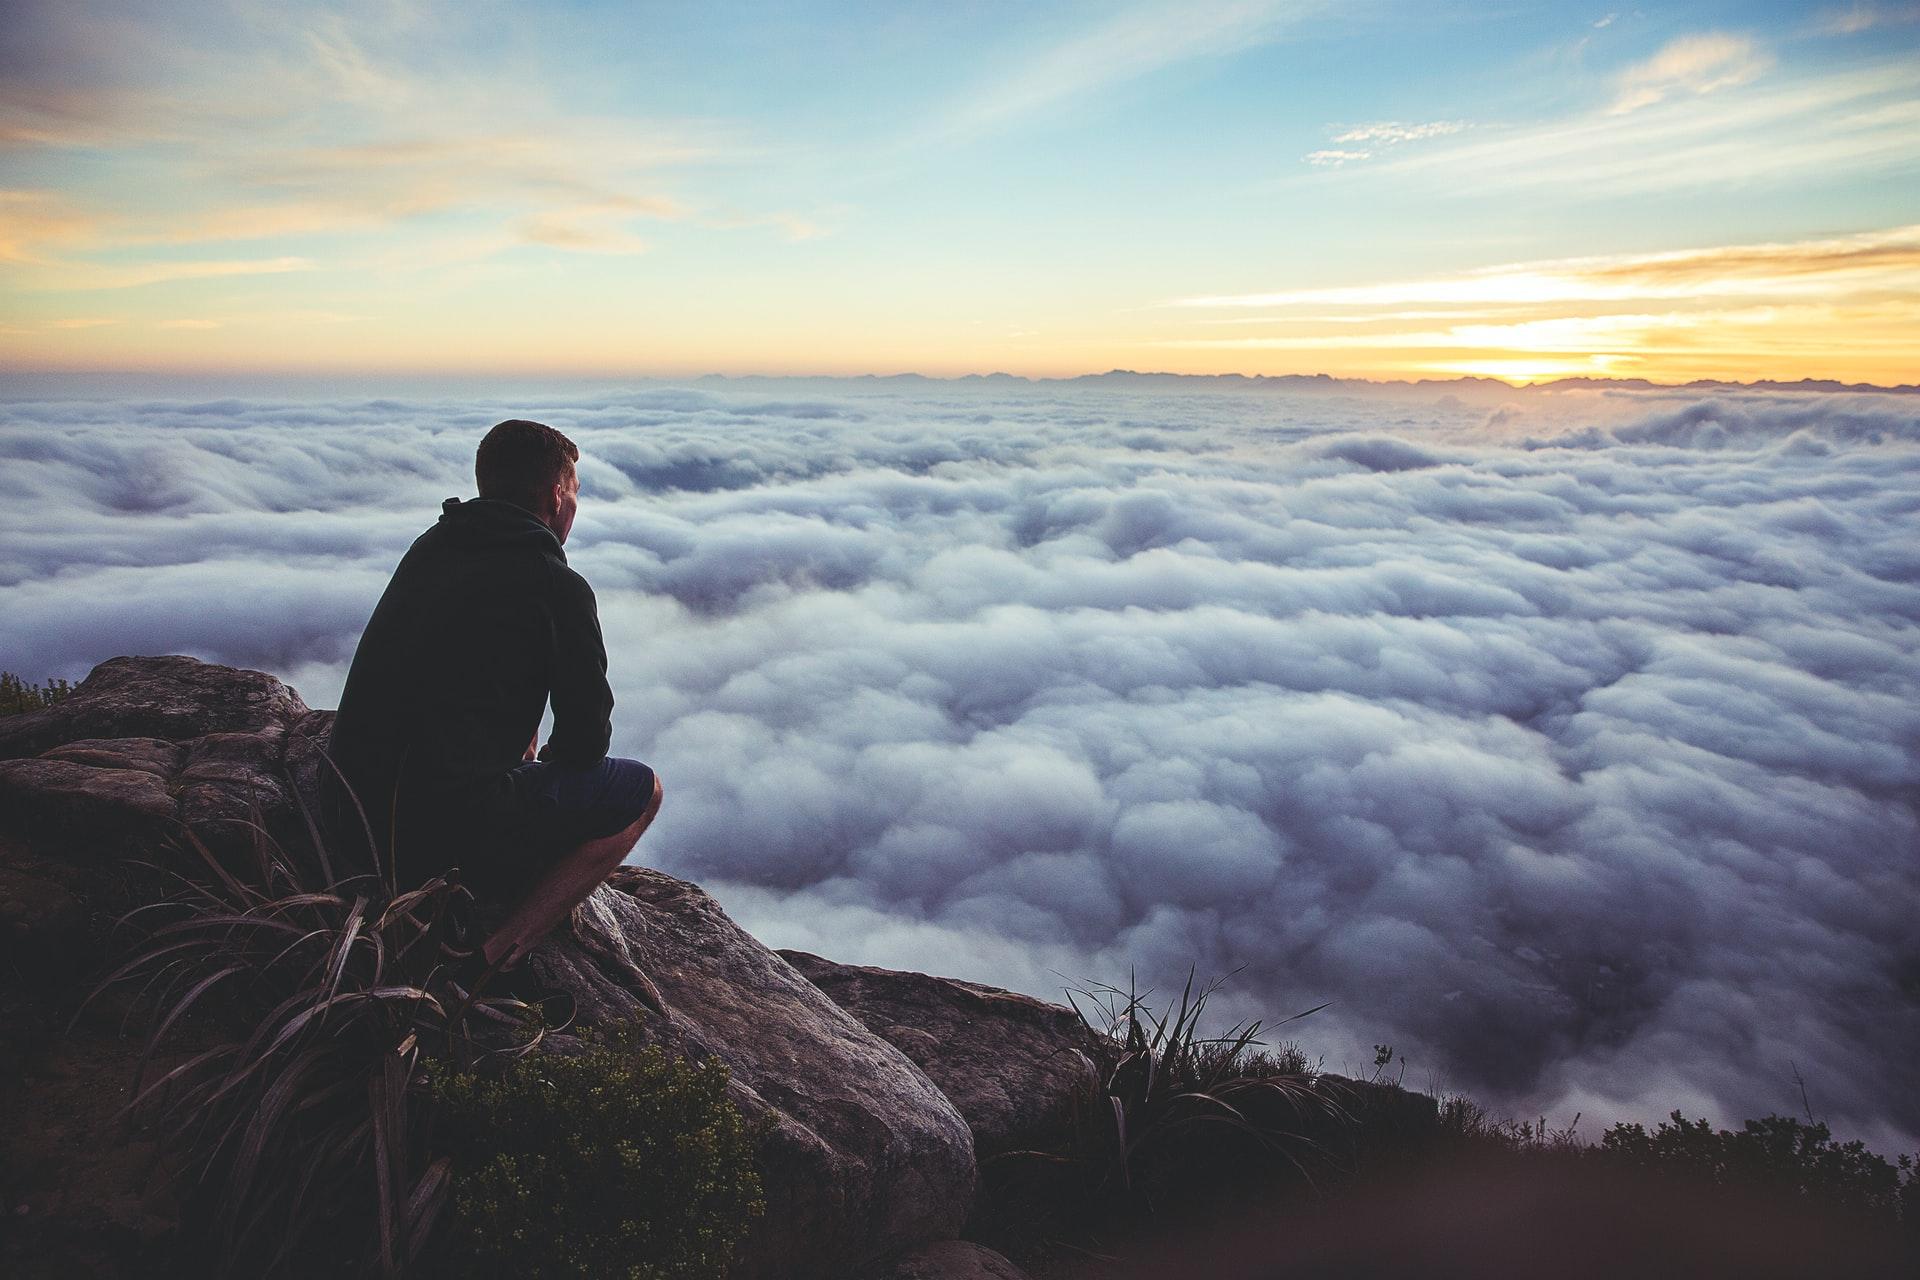 Mann auf Berggipfel schaut über den Wolken in die Ferne